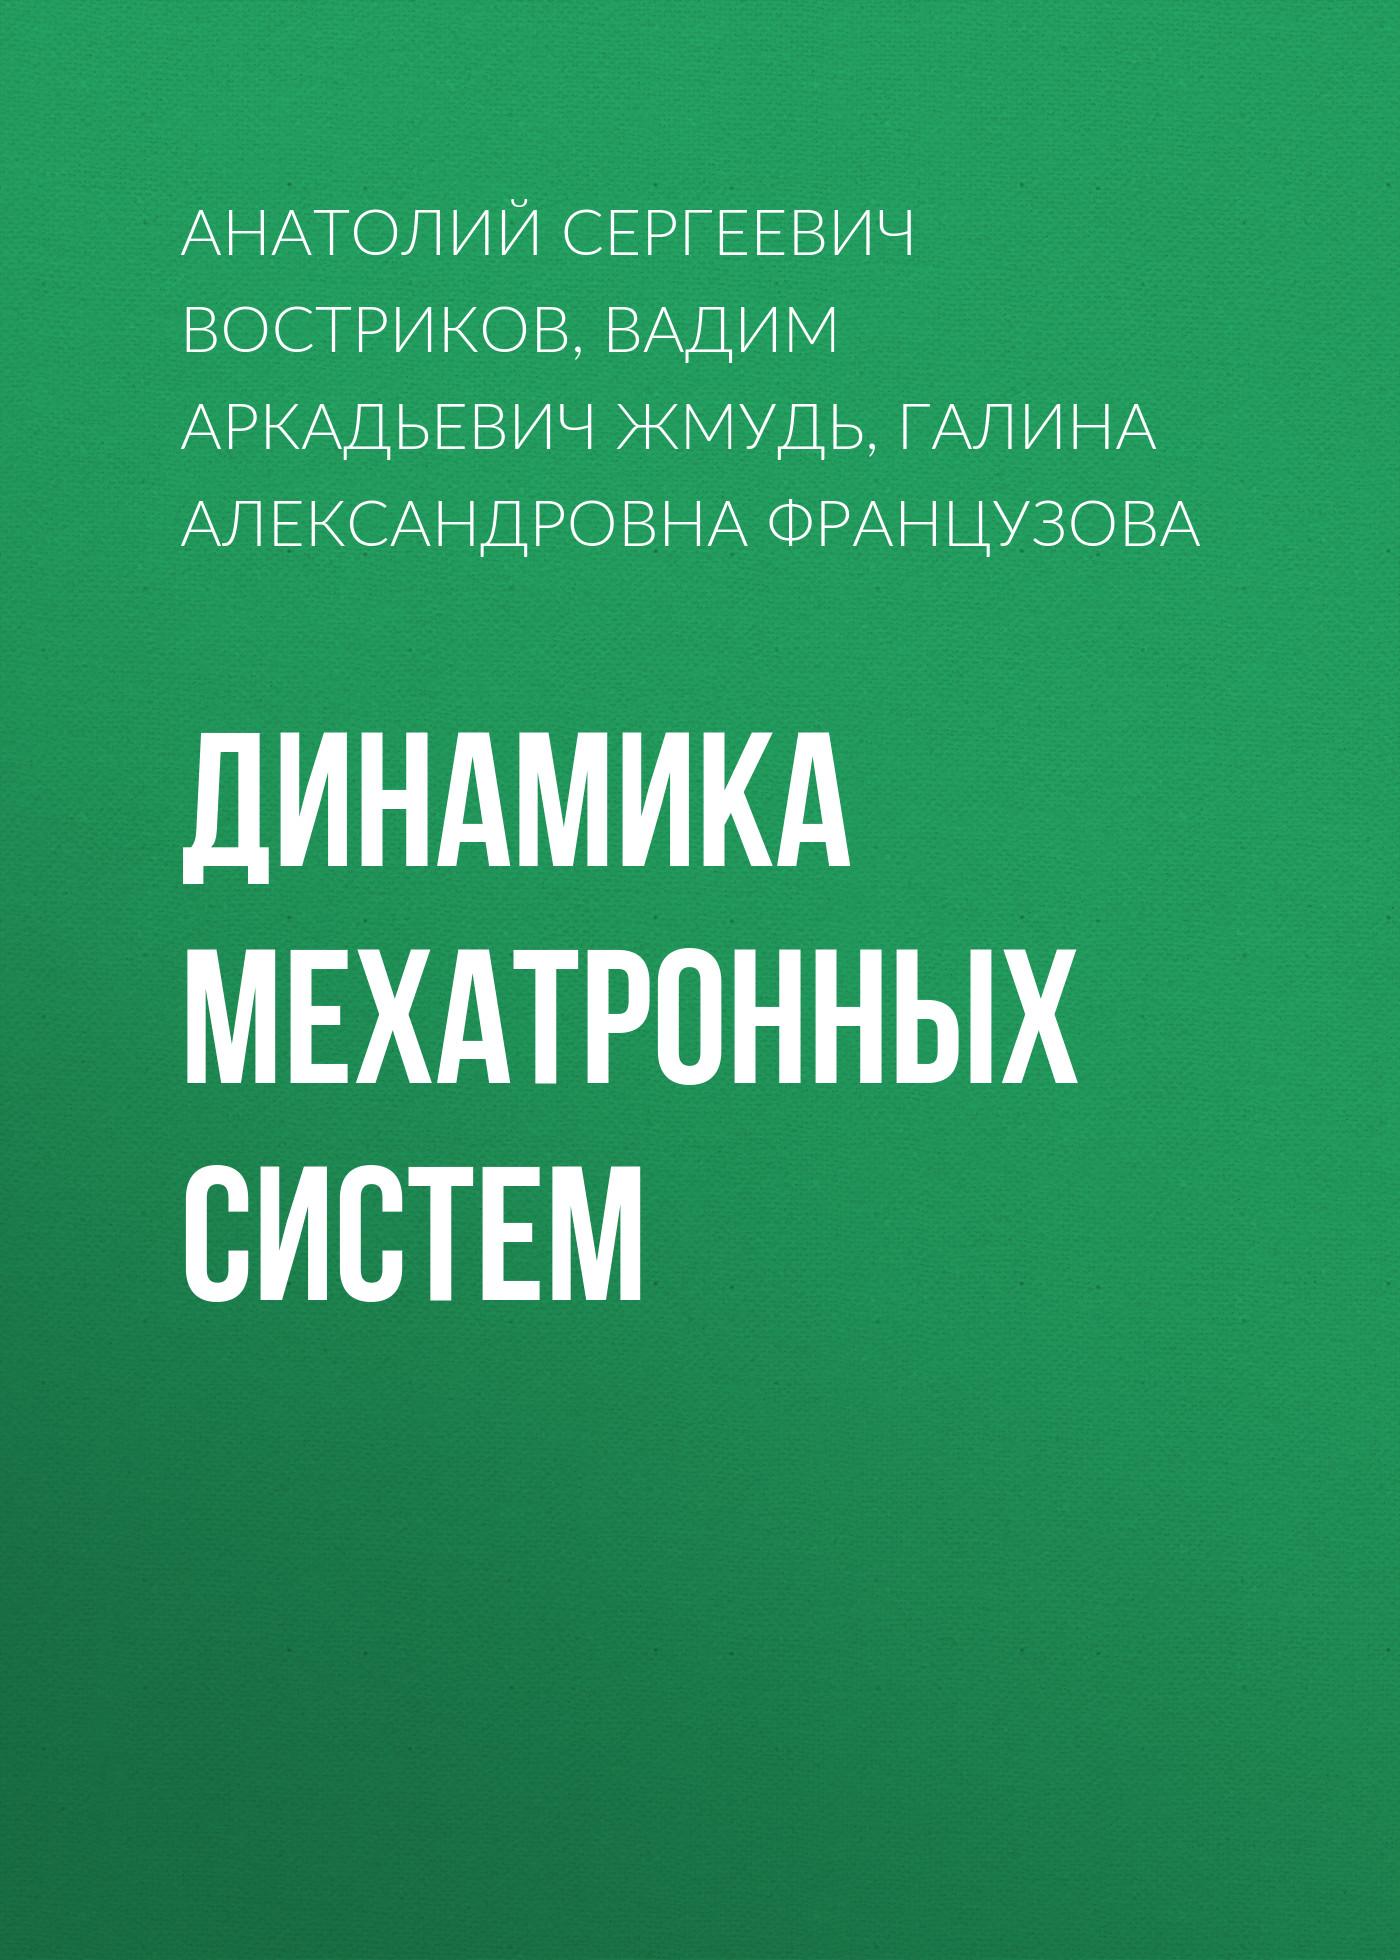 Вадим Аркадьевич Жмудь Динамика мехатронных систем